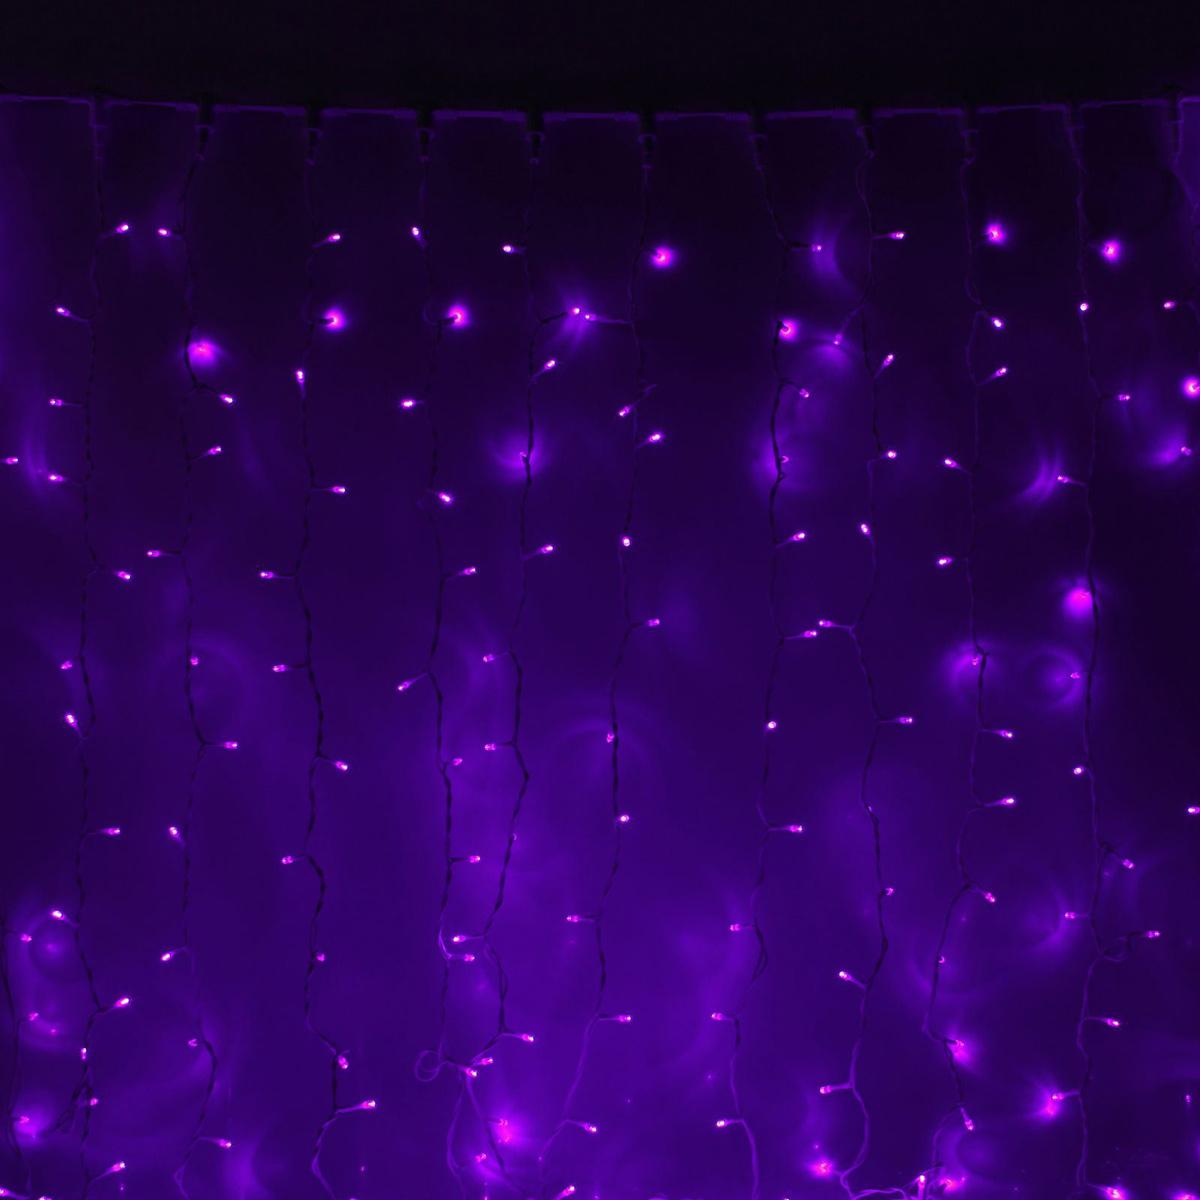 Гирлянда светодиодная Luazon Занавес, цвет: фиолетовый, уличная, 1440 ламп, 220 V, 2 х 6 м. 10802611080261Светодиодные гирлянды и ленты — это отличный вариант для новогоднего оформления интерьера или фасада. С их помощью помещение любого размера можно превратить в праздничный зал, а внешние элементы зданий, украшенные ими, мгновенно станут напоминать очертания сказочного дворца. Такие украшения создают ауру предвкушения чуда. Деревья, фасады, витрины, окна и арки будто специально созданы, чтобы вы украсили их светящимися нитями.